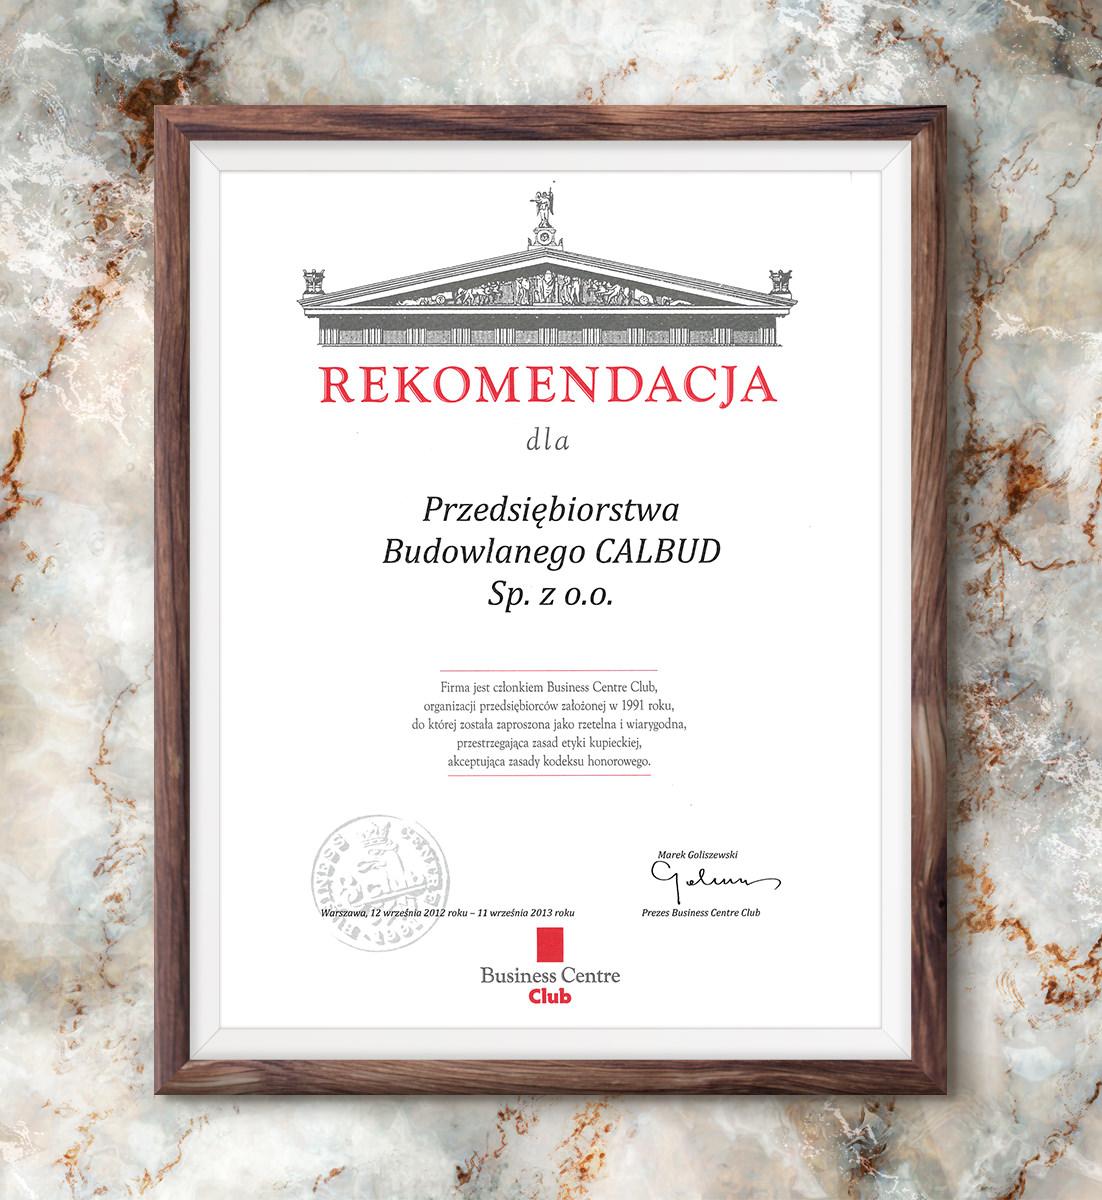 Rekomendacja Business Centre Club dla P.B. CALBUD Sp. z o.o. | 2012